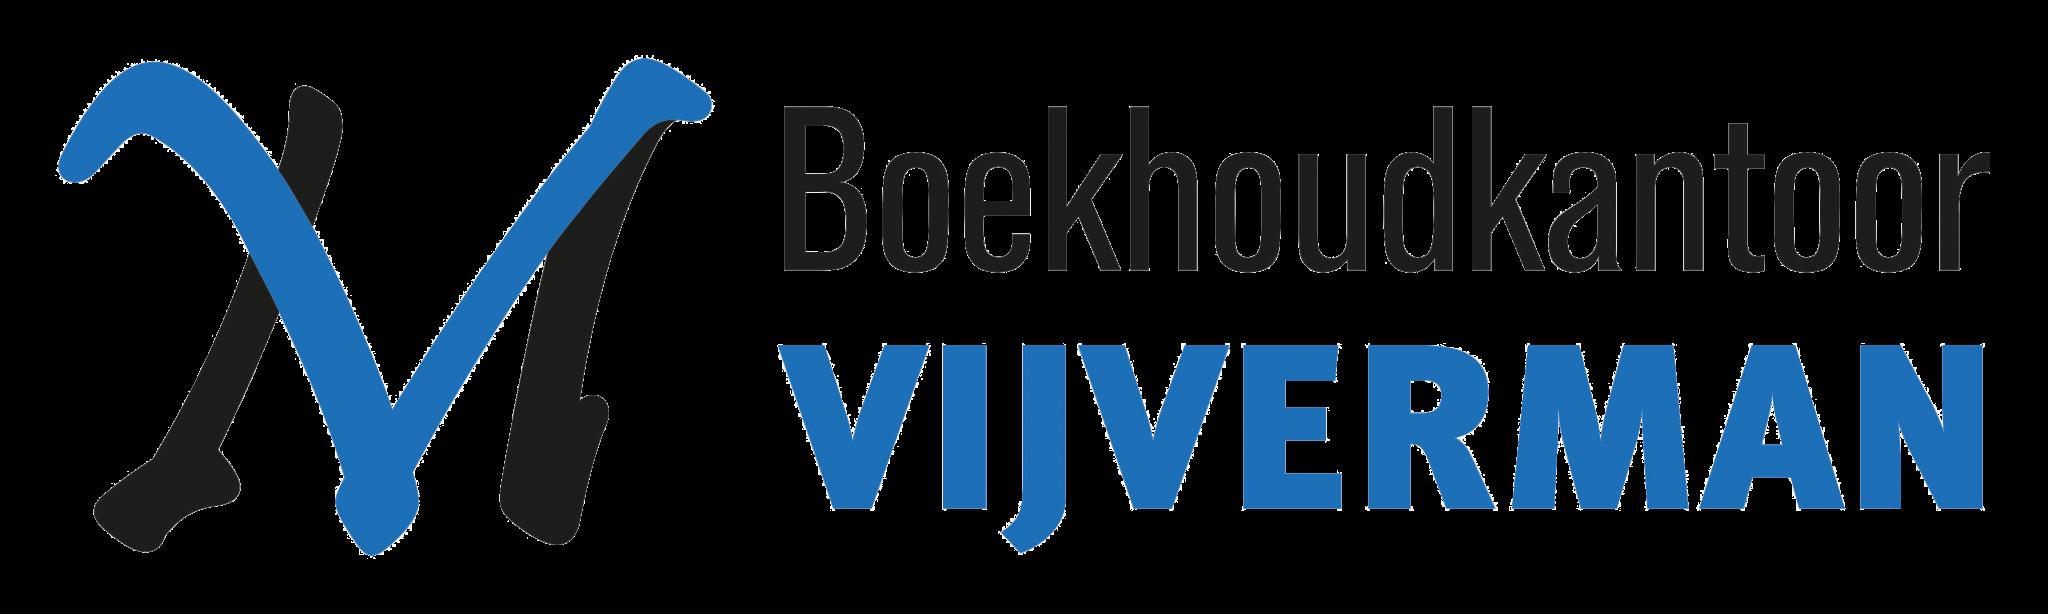 Boekhoudkantoor Vijverman